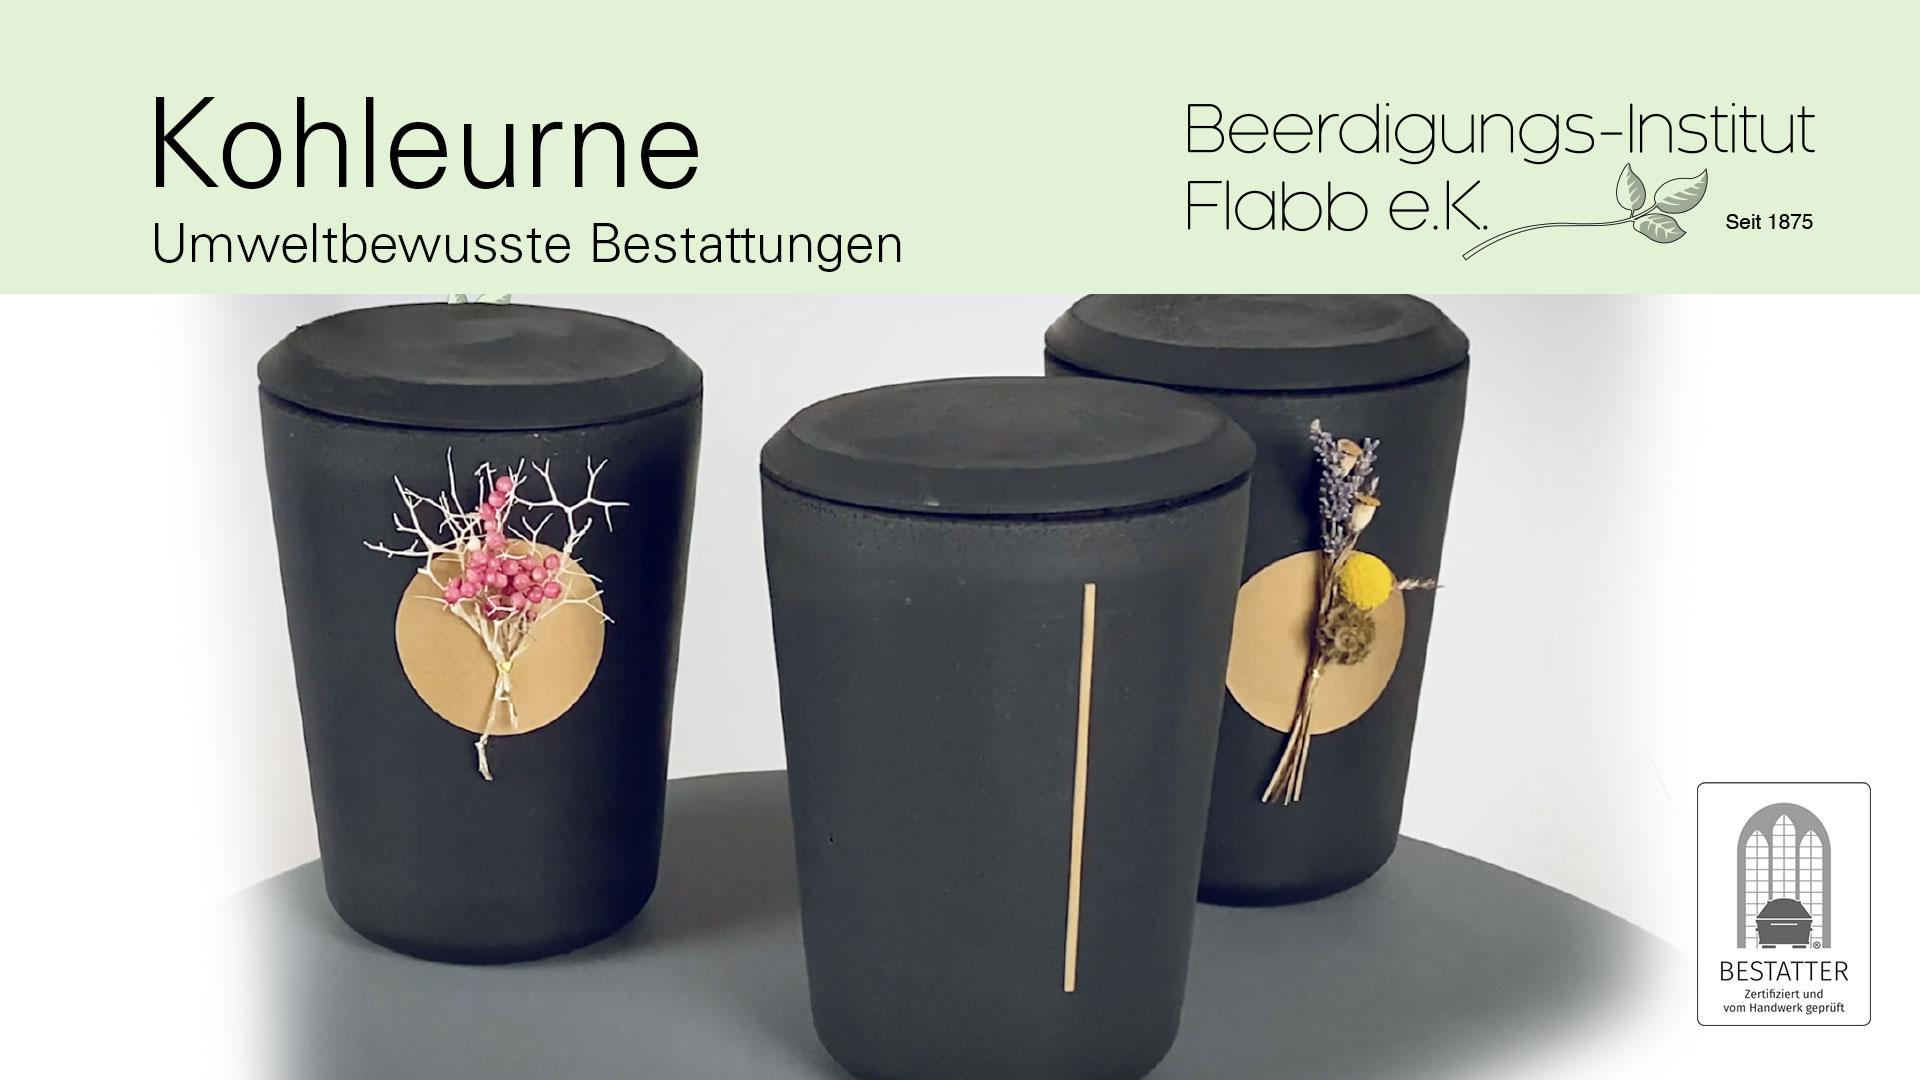 Kohleurne Beerdigungs-Institut Flabb